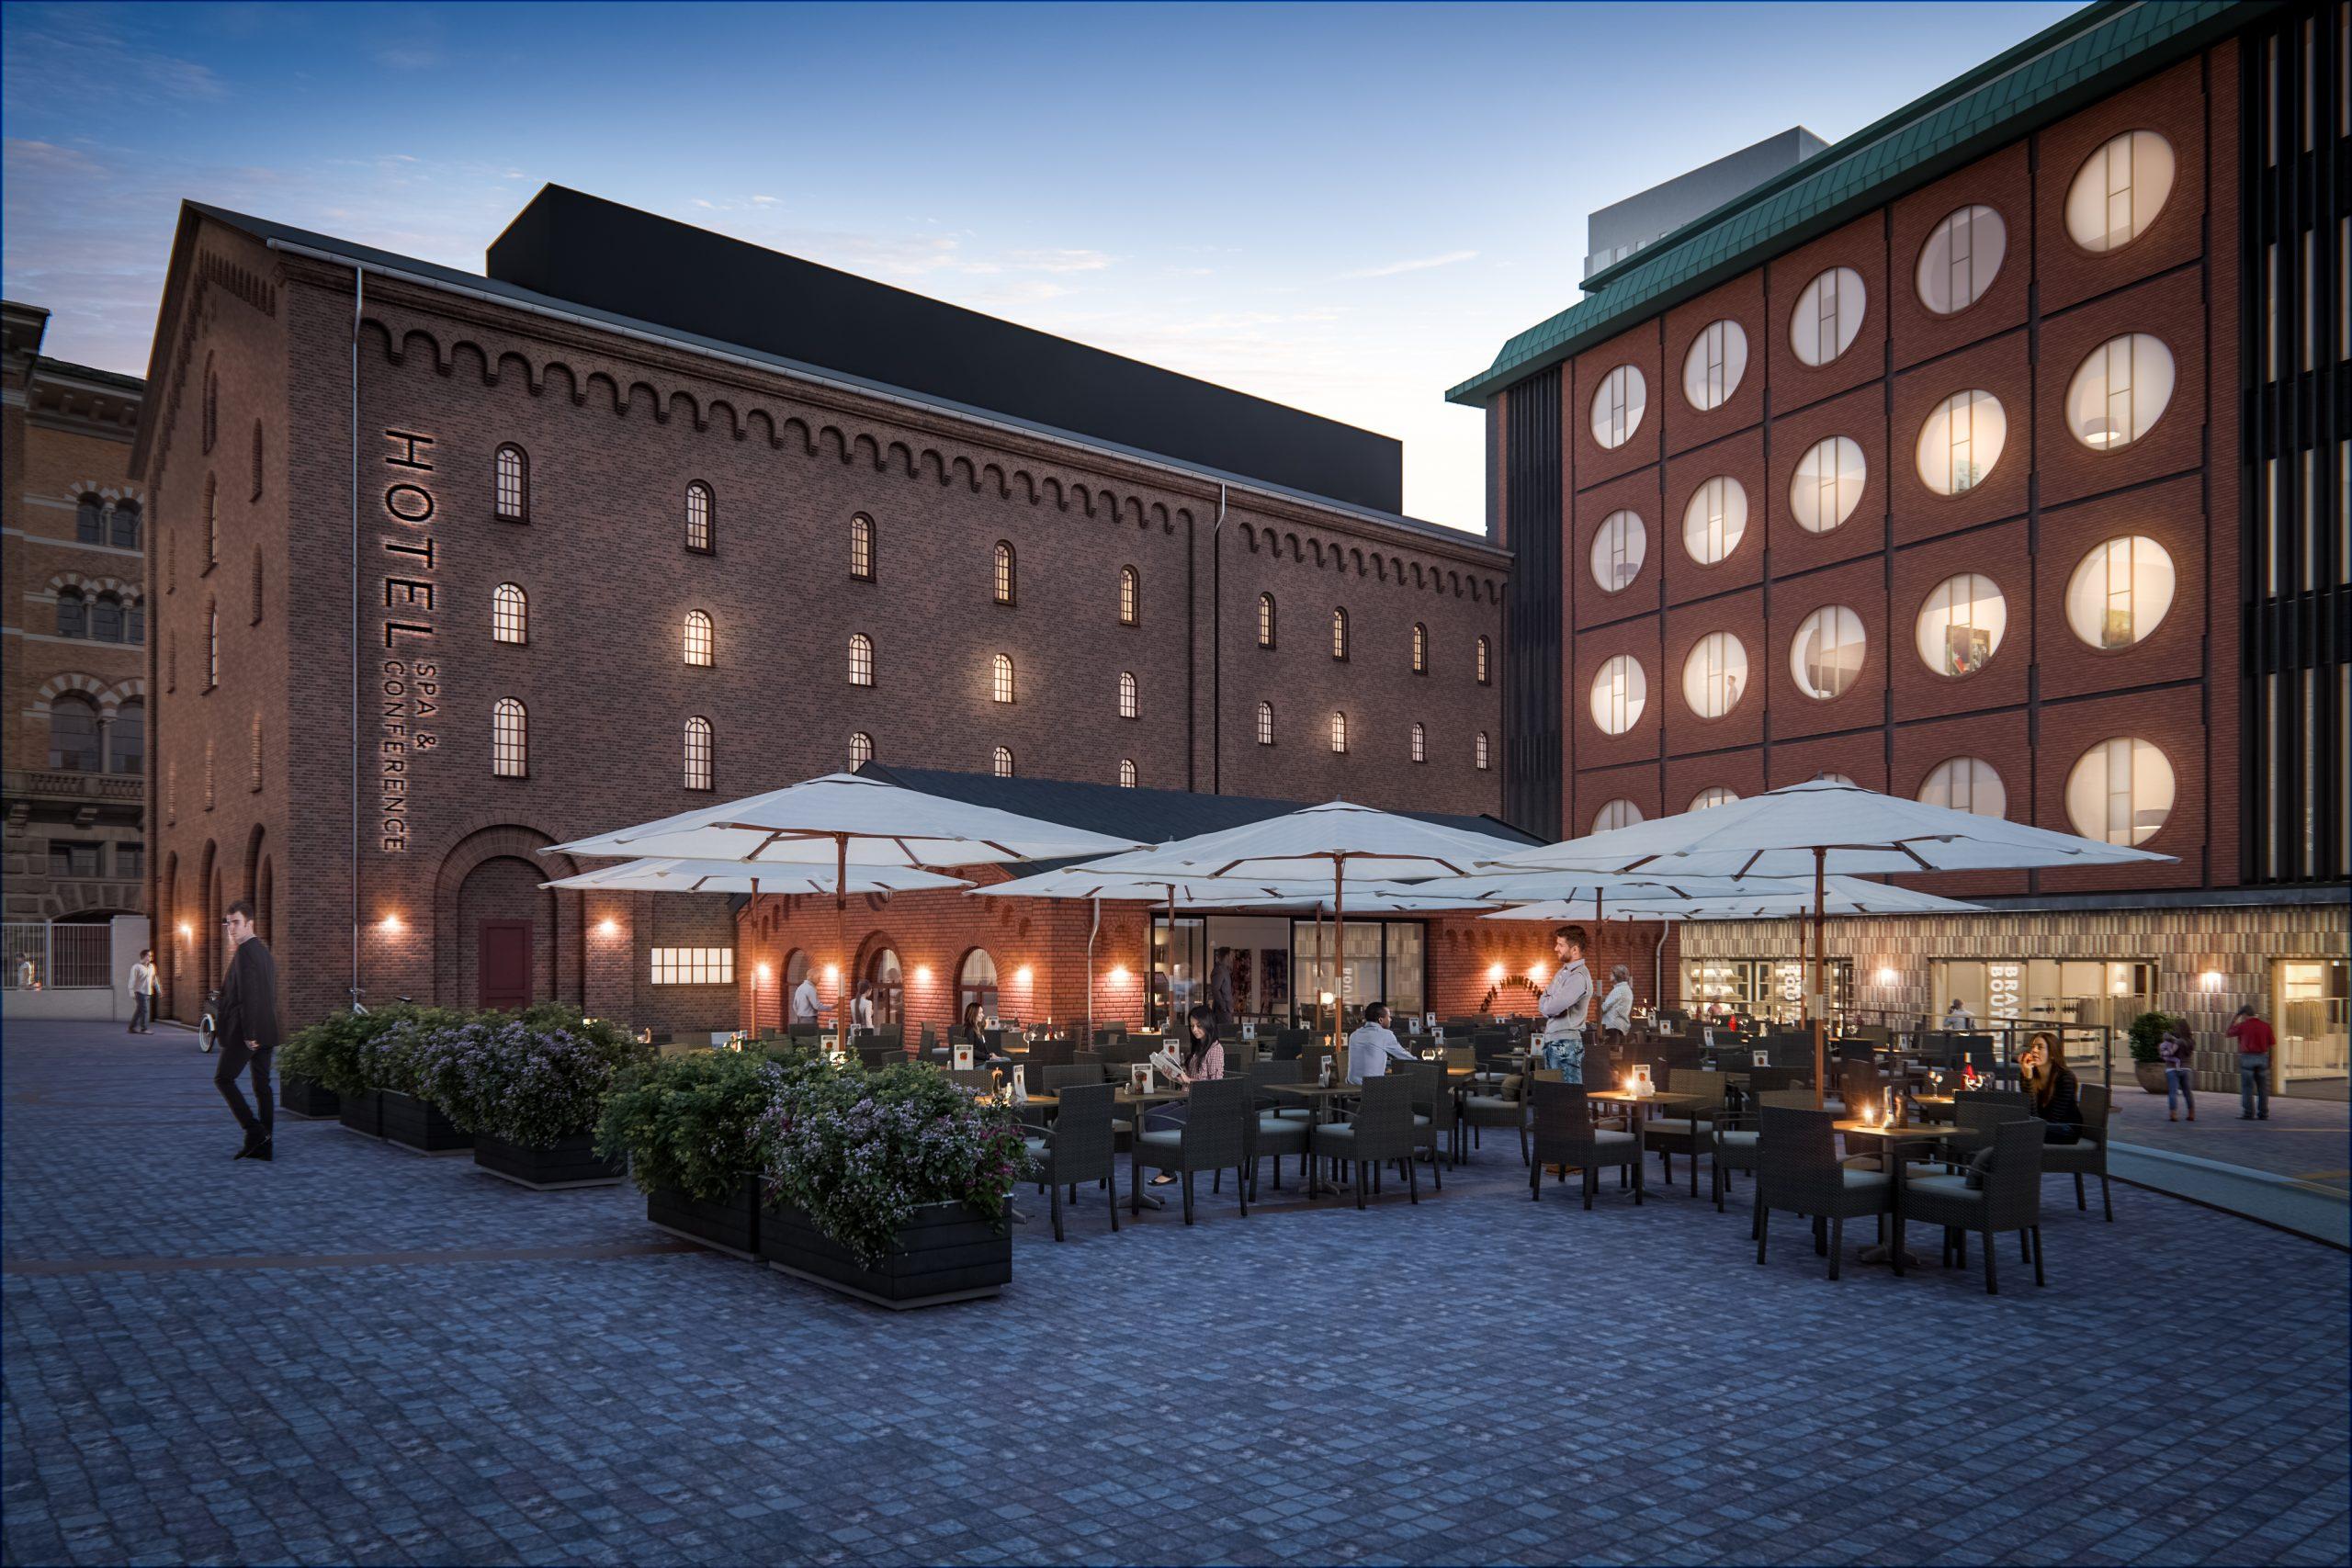 Brøchner Hotels åbnede i januar sidste år kædens hidtil største hotel, Hotel Ottilia i Carlsberg Byen. Pressefoto: Brøchner Hotels.